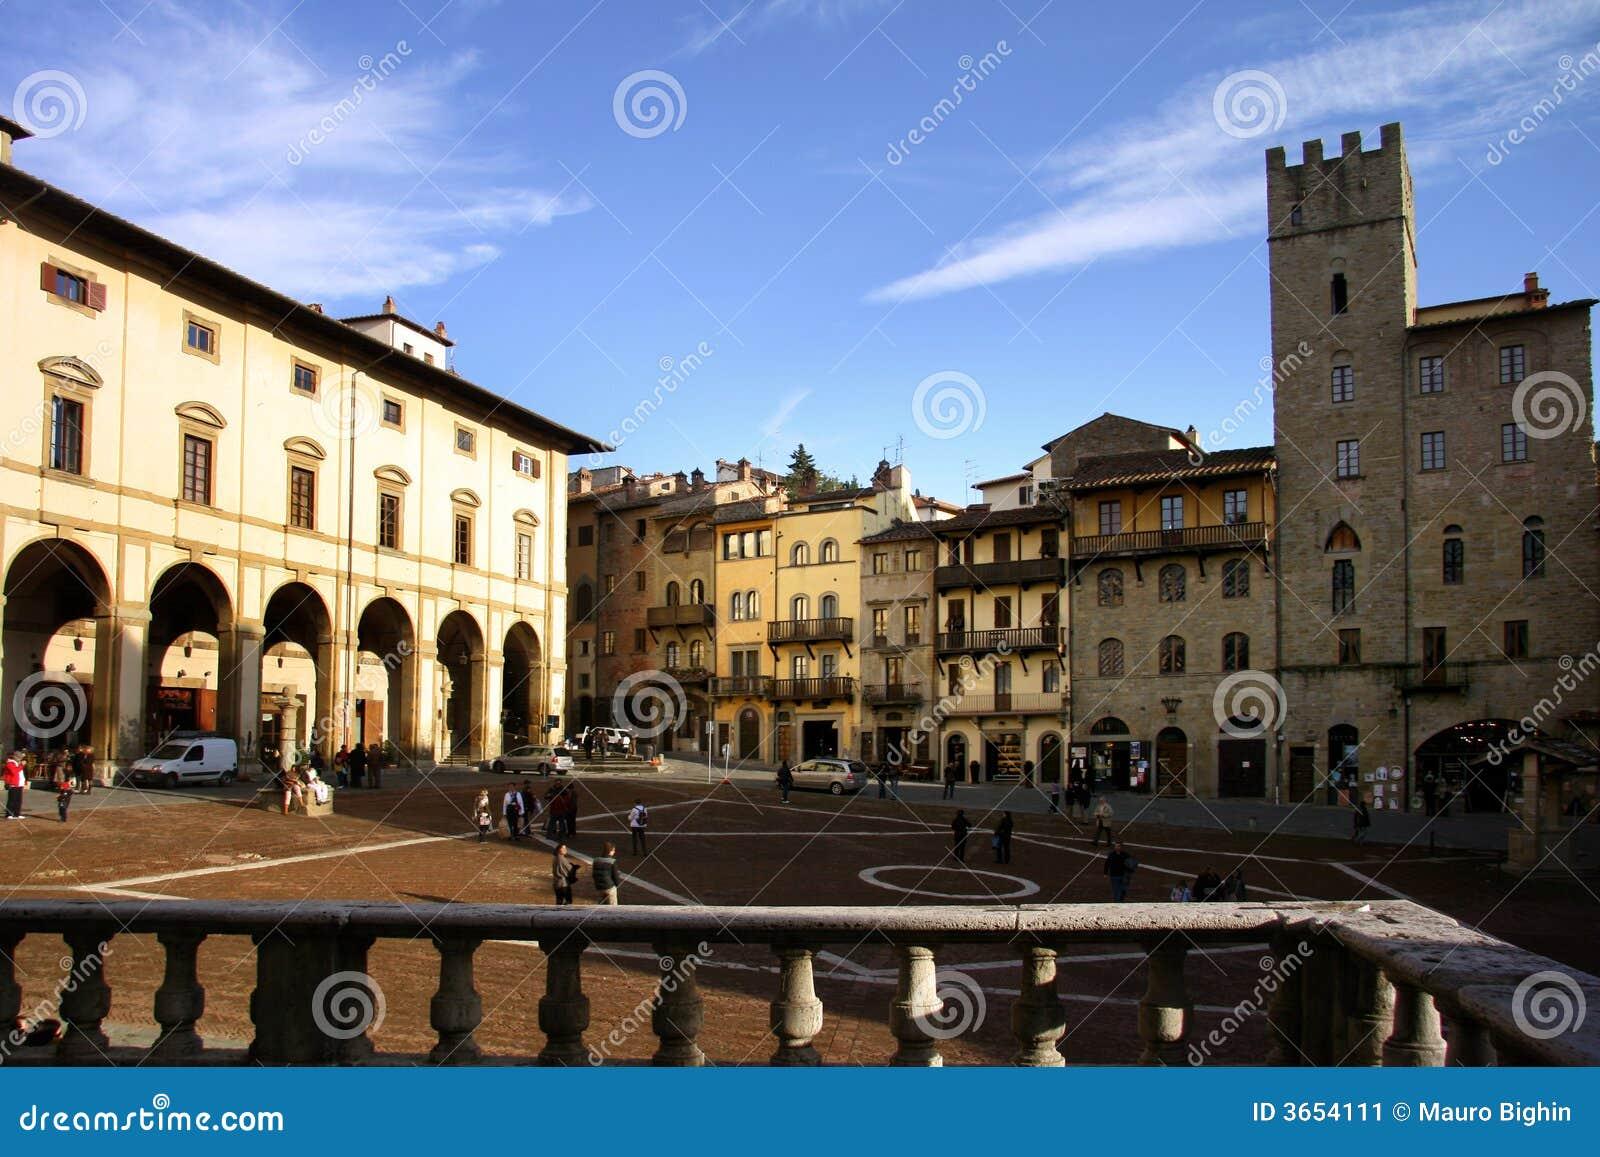 Piazza Grande, Arezzo - Italy